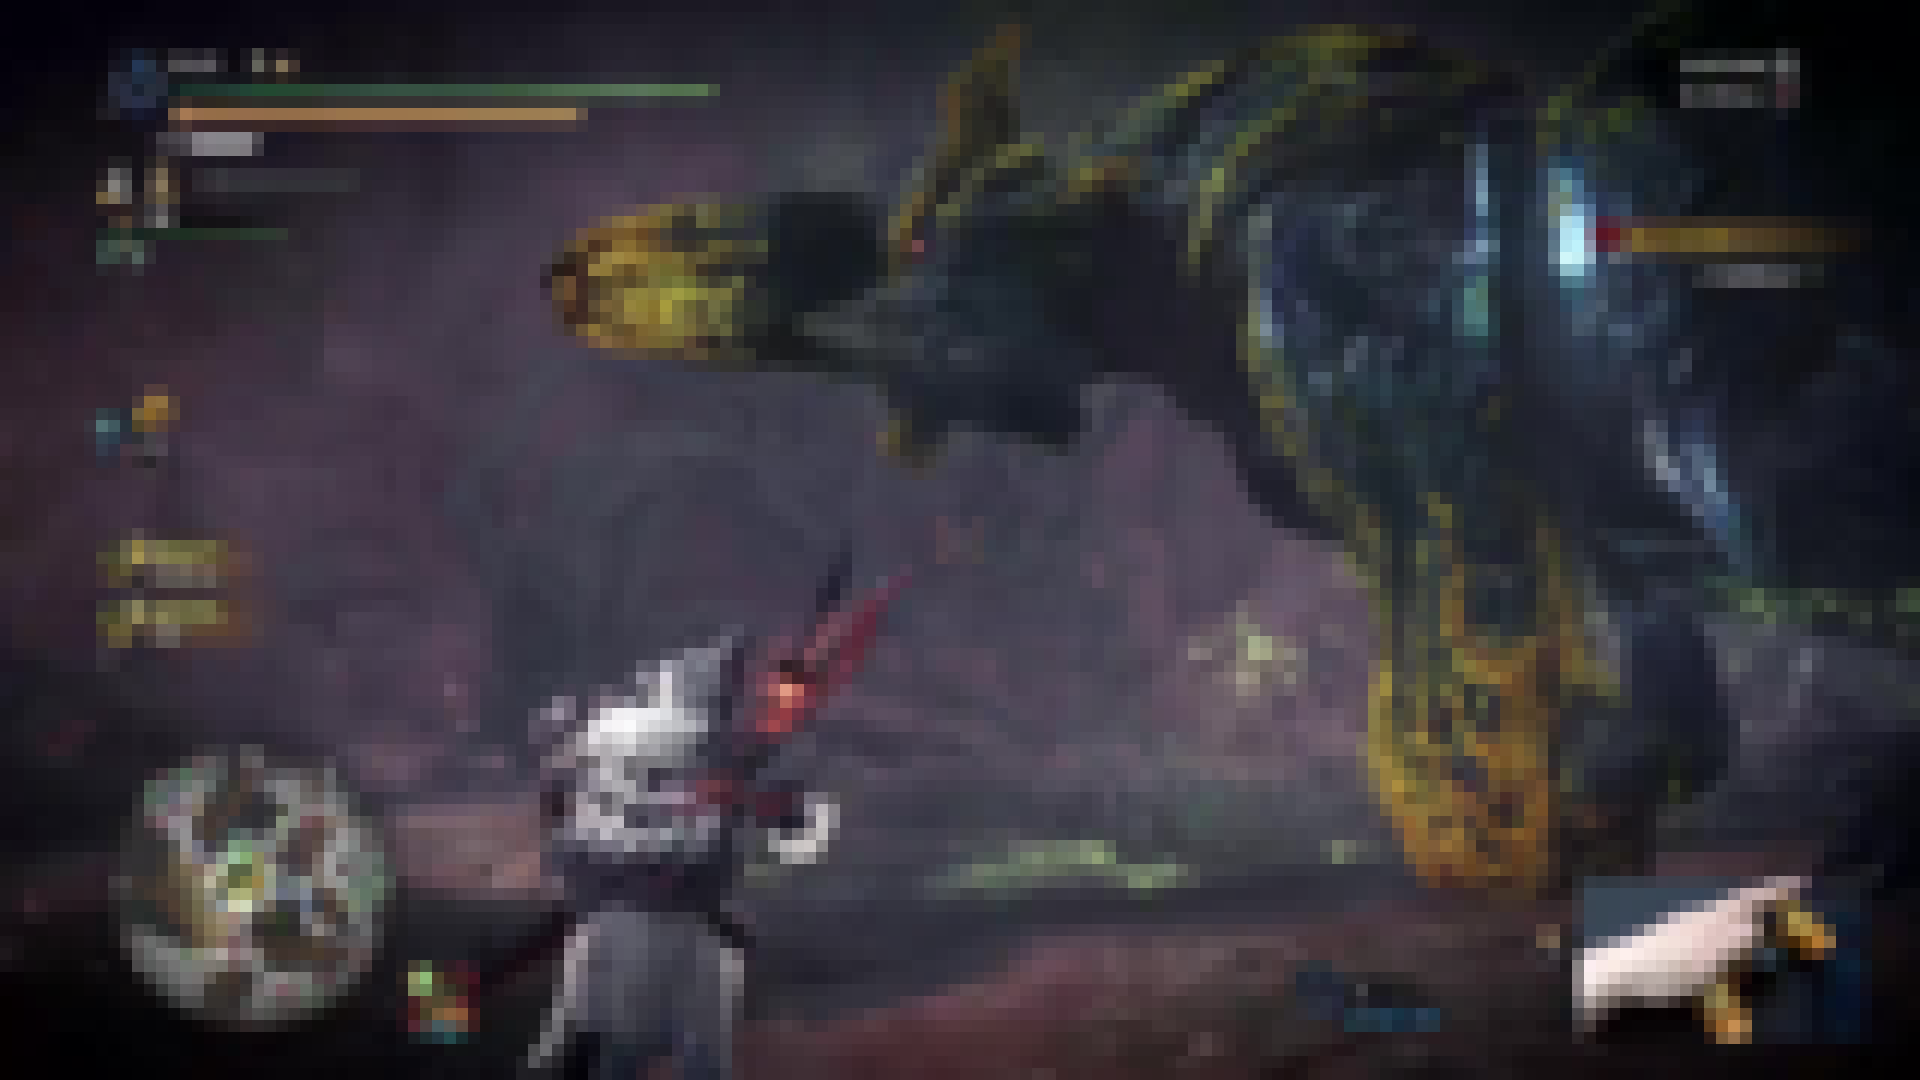 独臂玩家《怪物猎人:冰原》太刀初见击杀极限爆碎